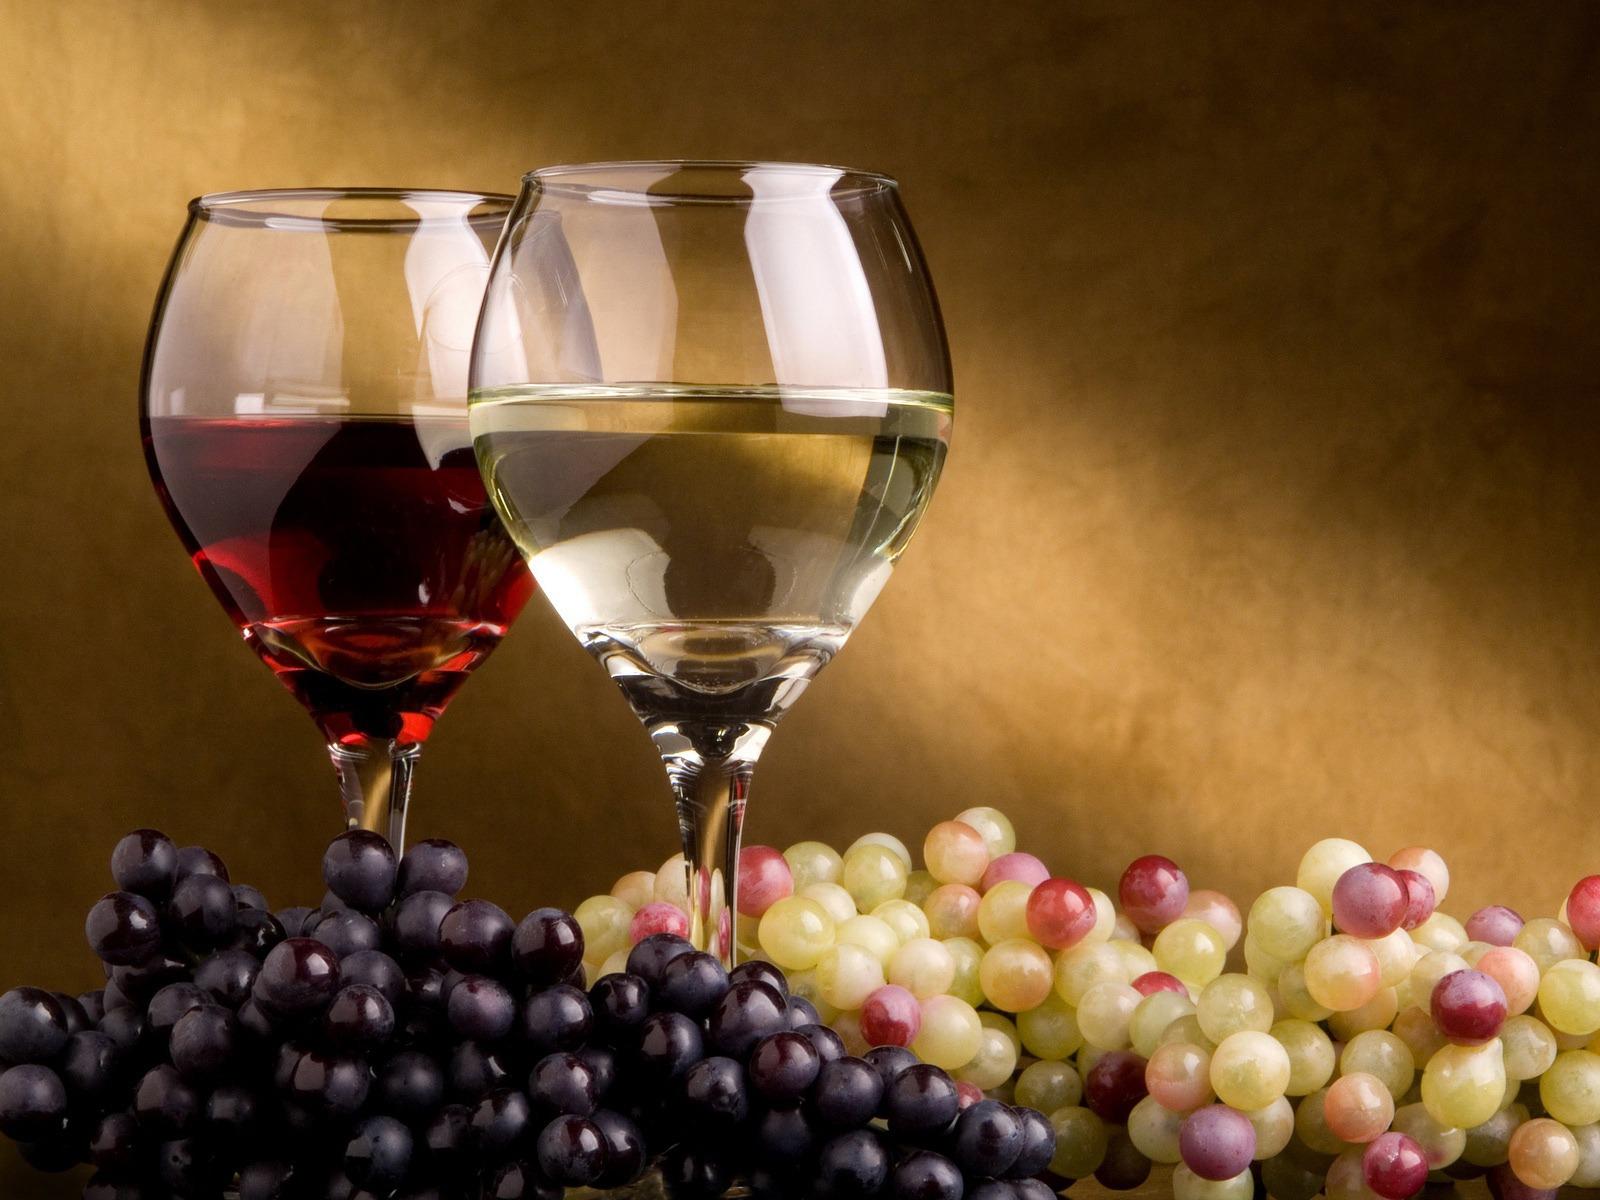 Il corso di introduzione al vino e approfondimento dei suoi abbinamenti col cibo